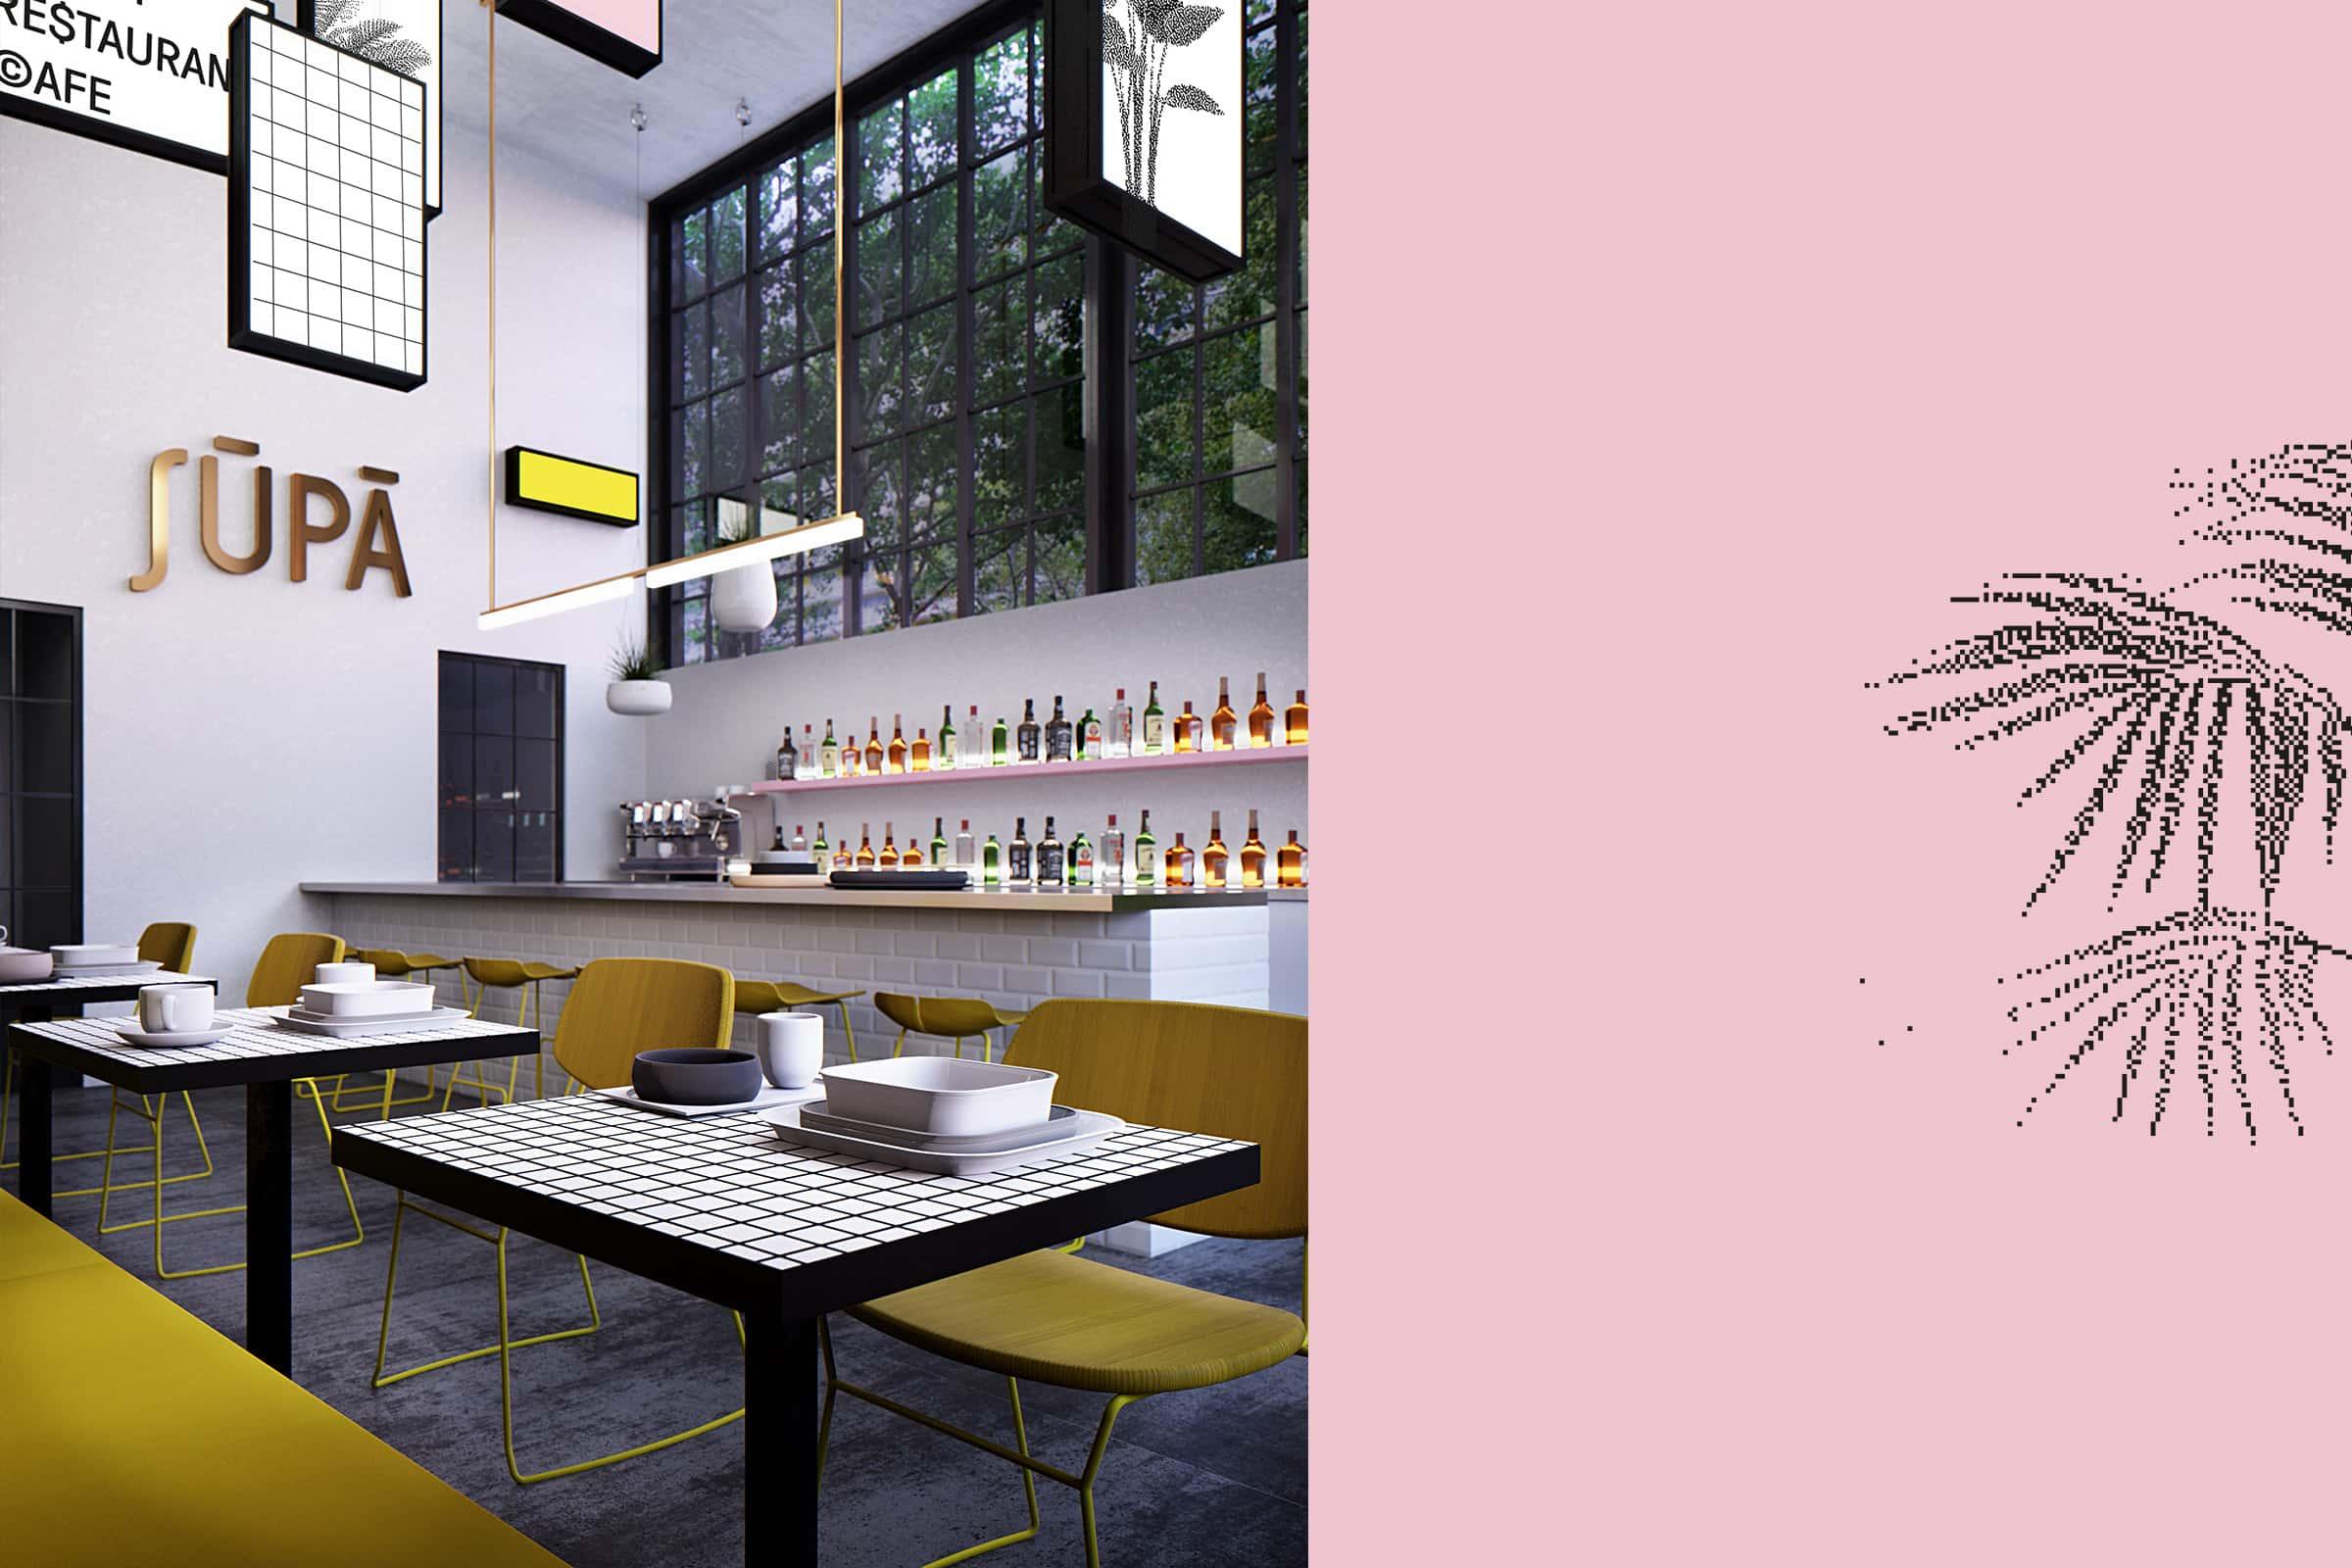 interior design, Restaurant, Bar, Cafe, Einrichtung, Leuchtboxen, Neon Schilder, Identity, Logo